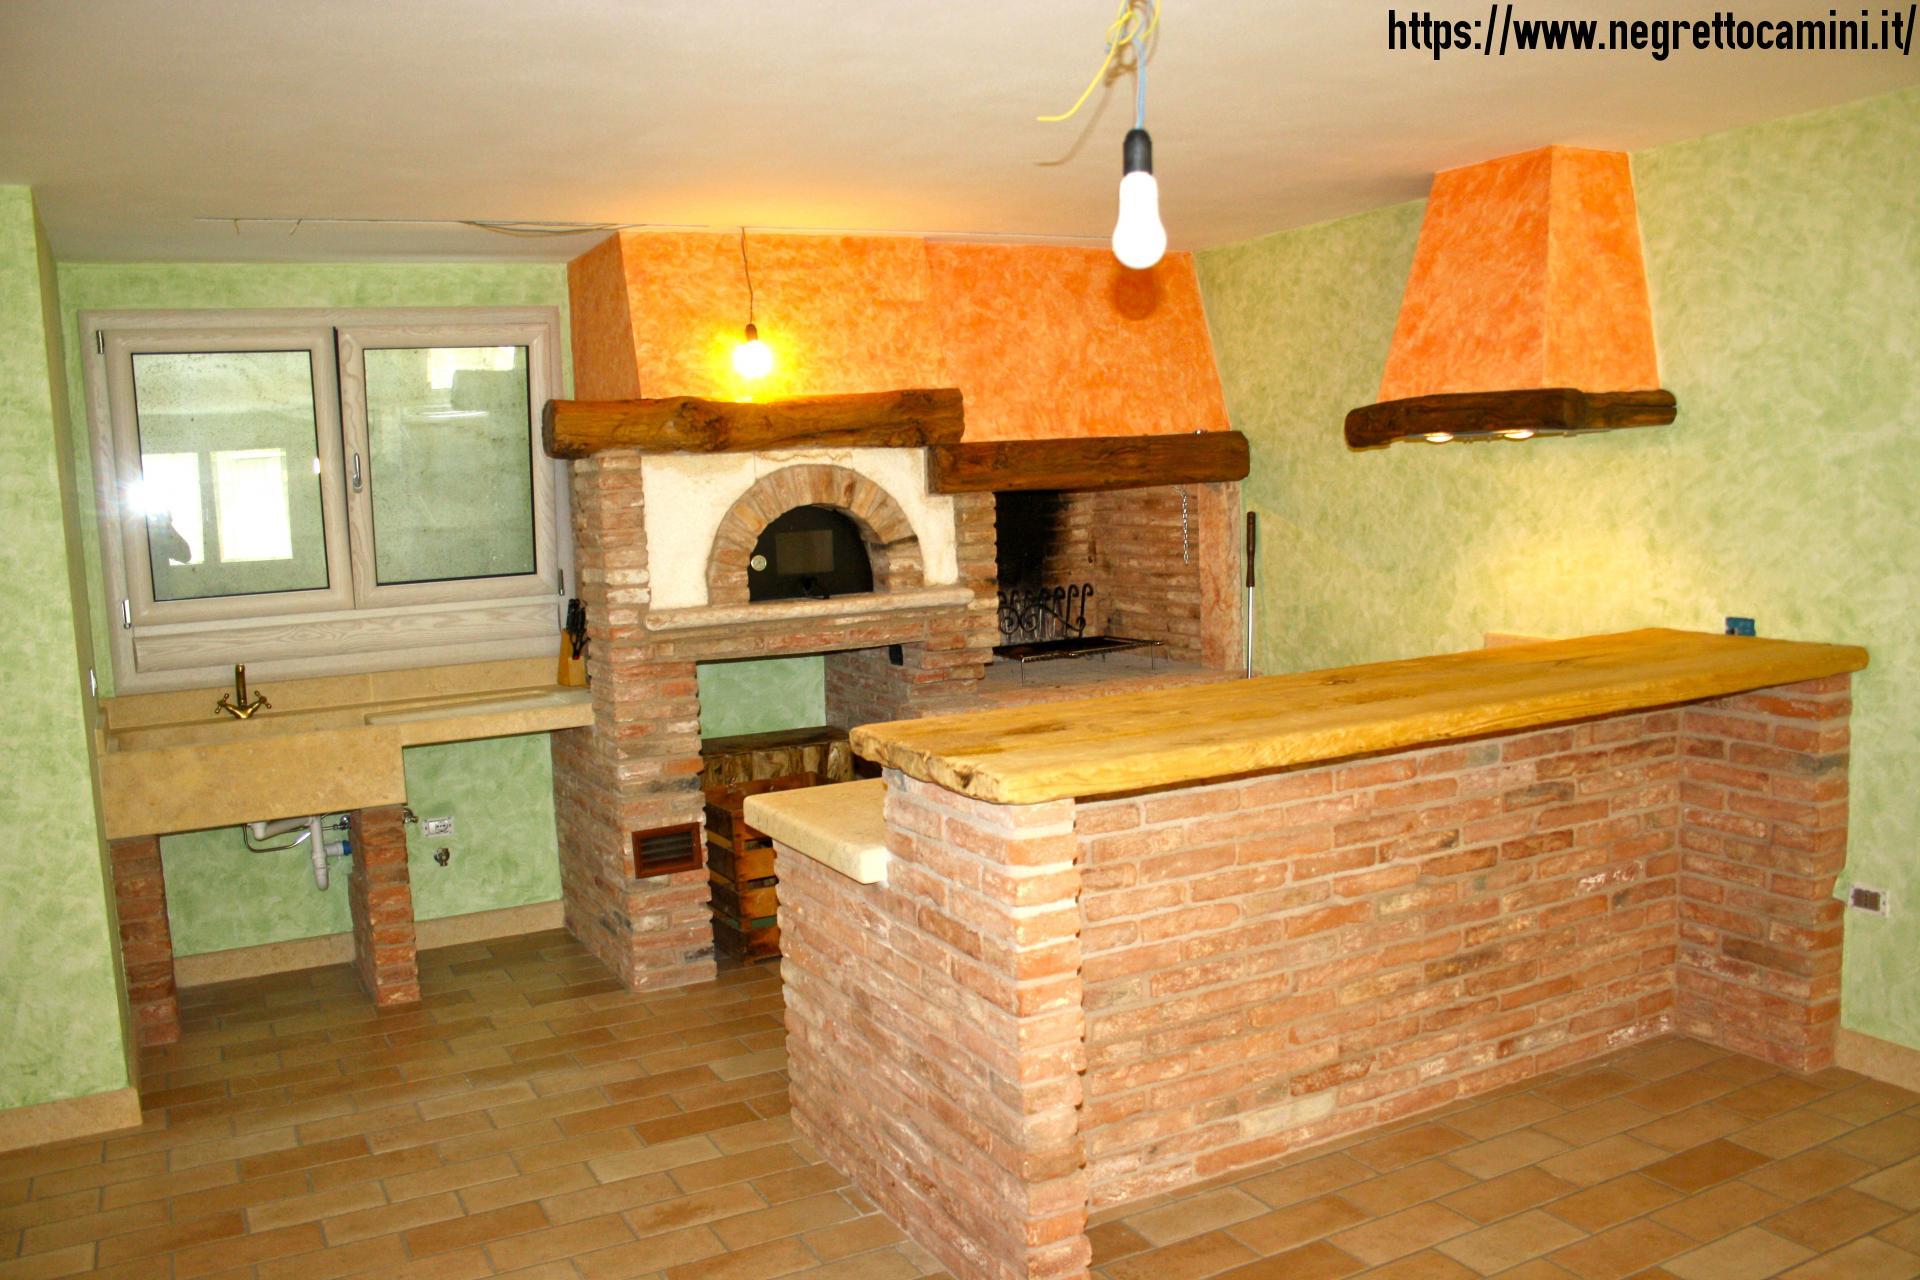 Camino rustico da taverna  Negretto Camini dAutore